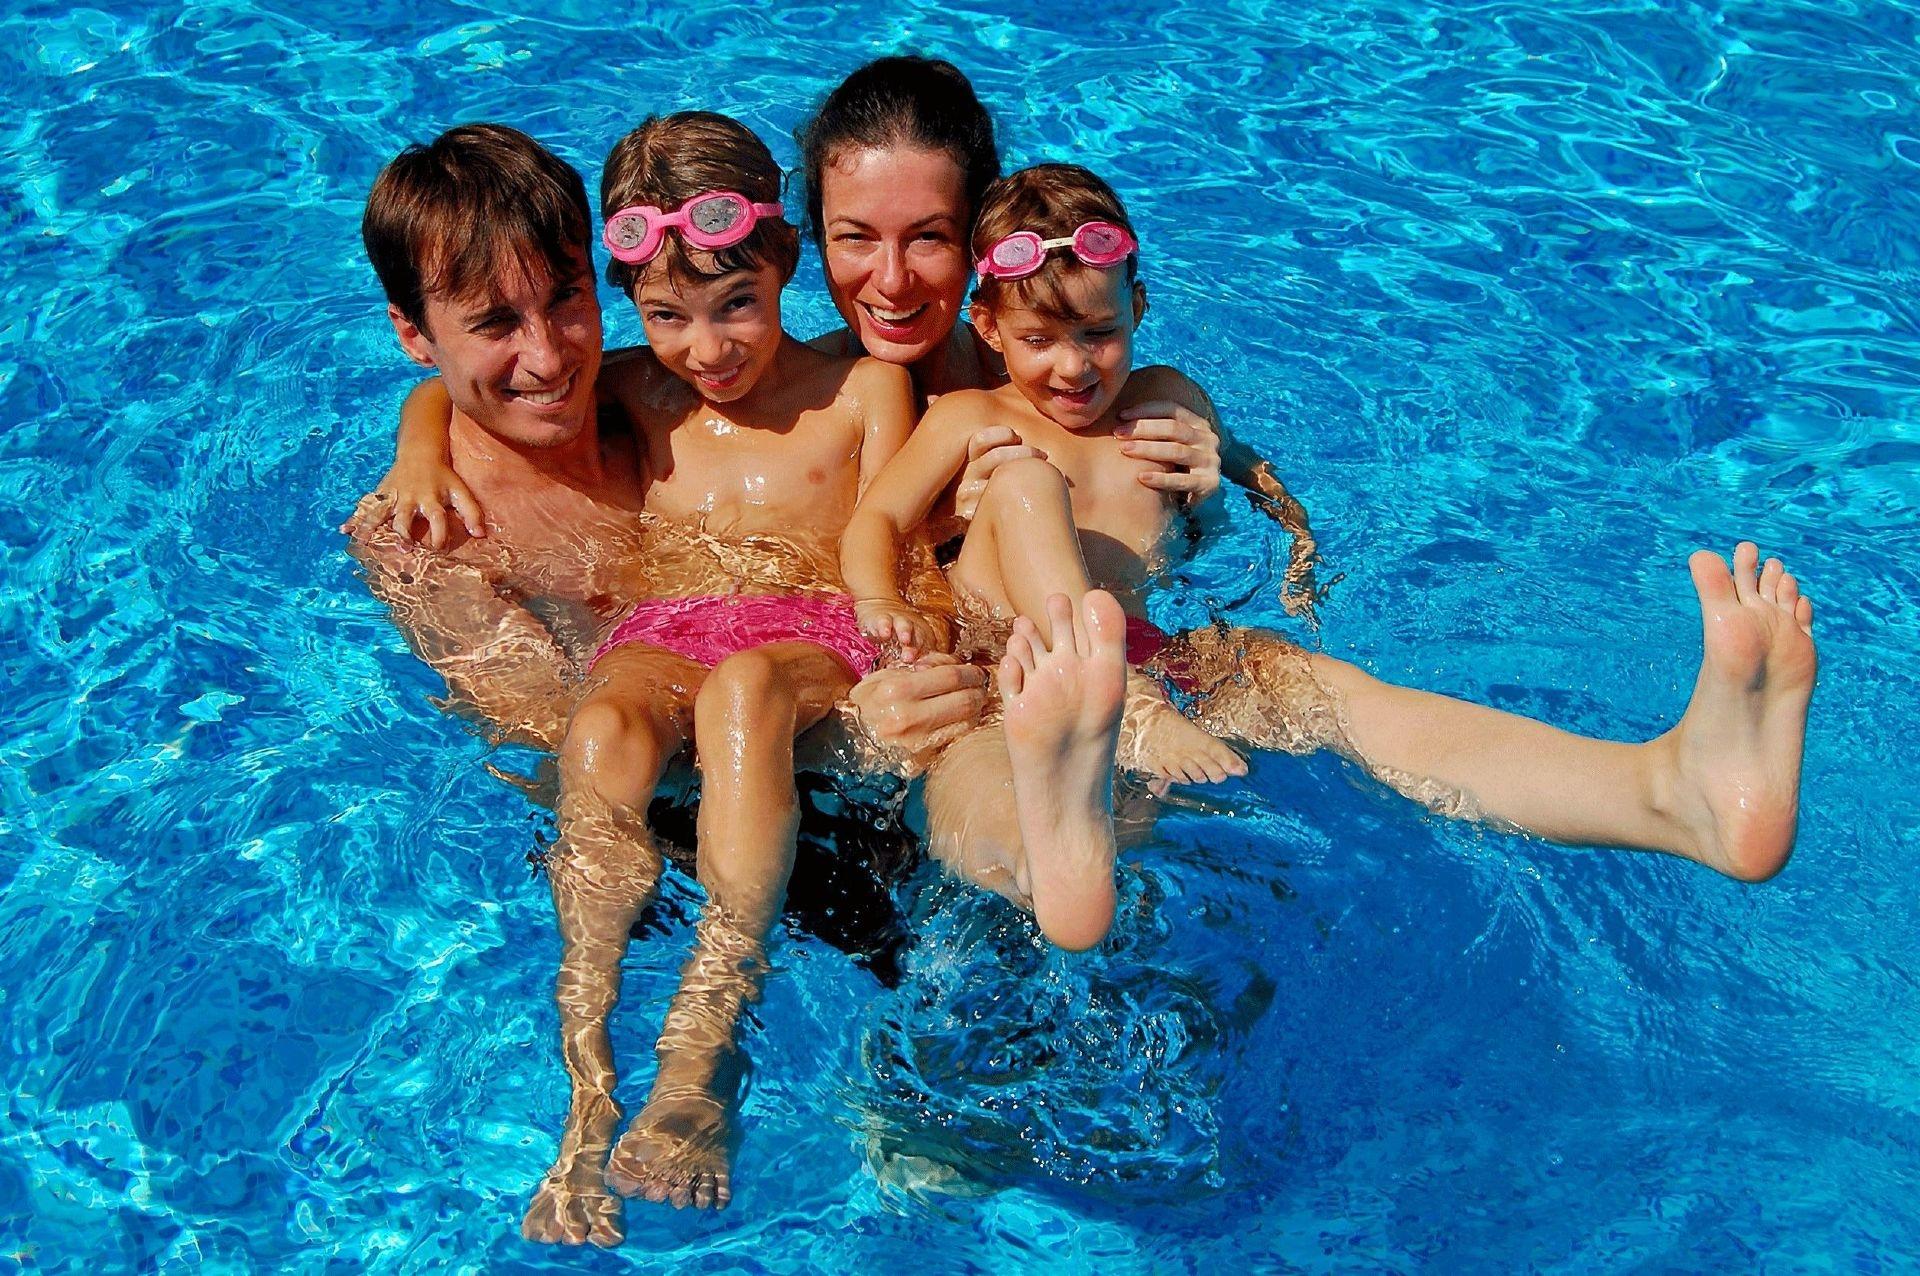 Семейный нудизм с детьми : VideoLike